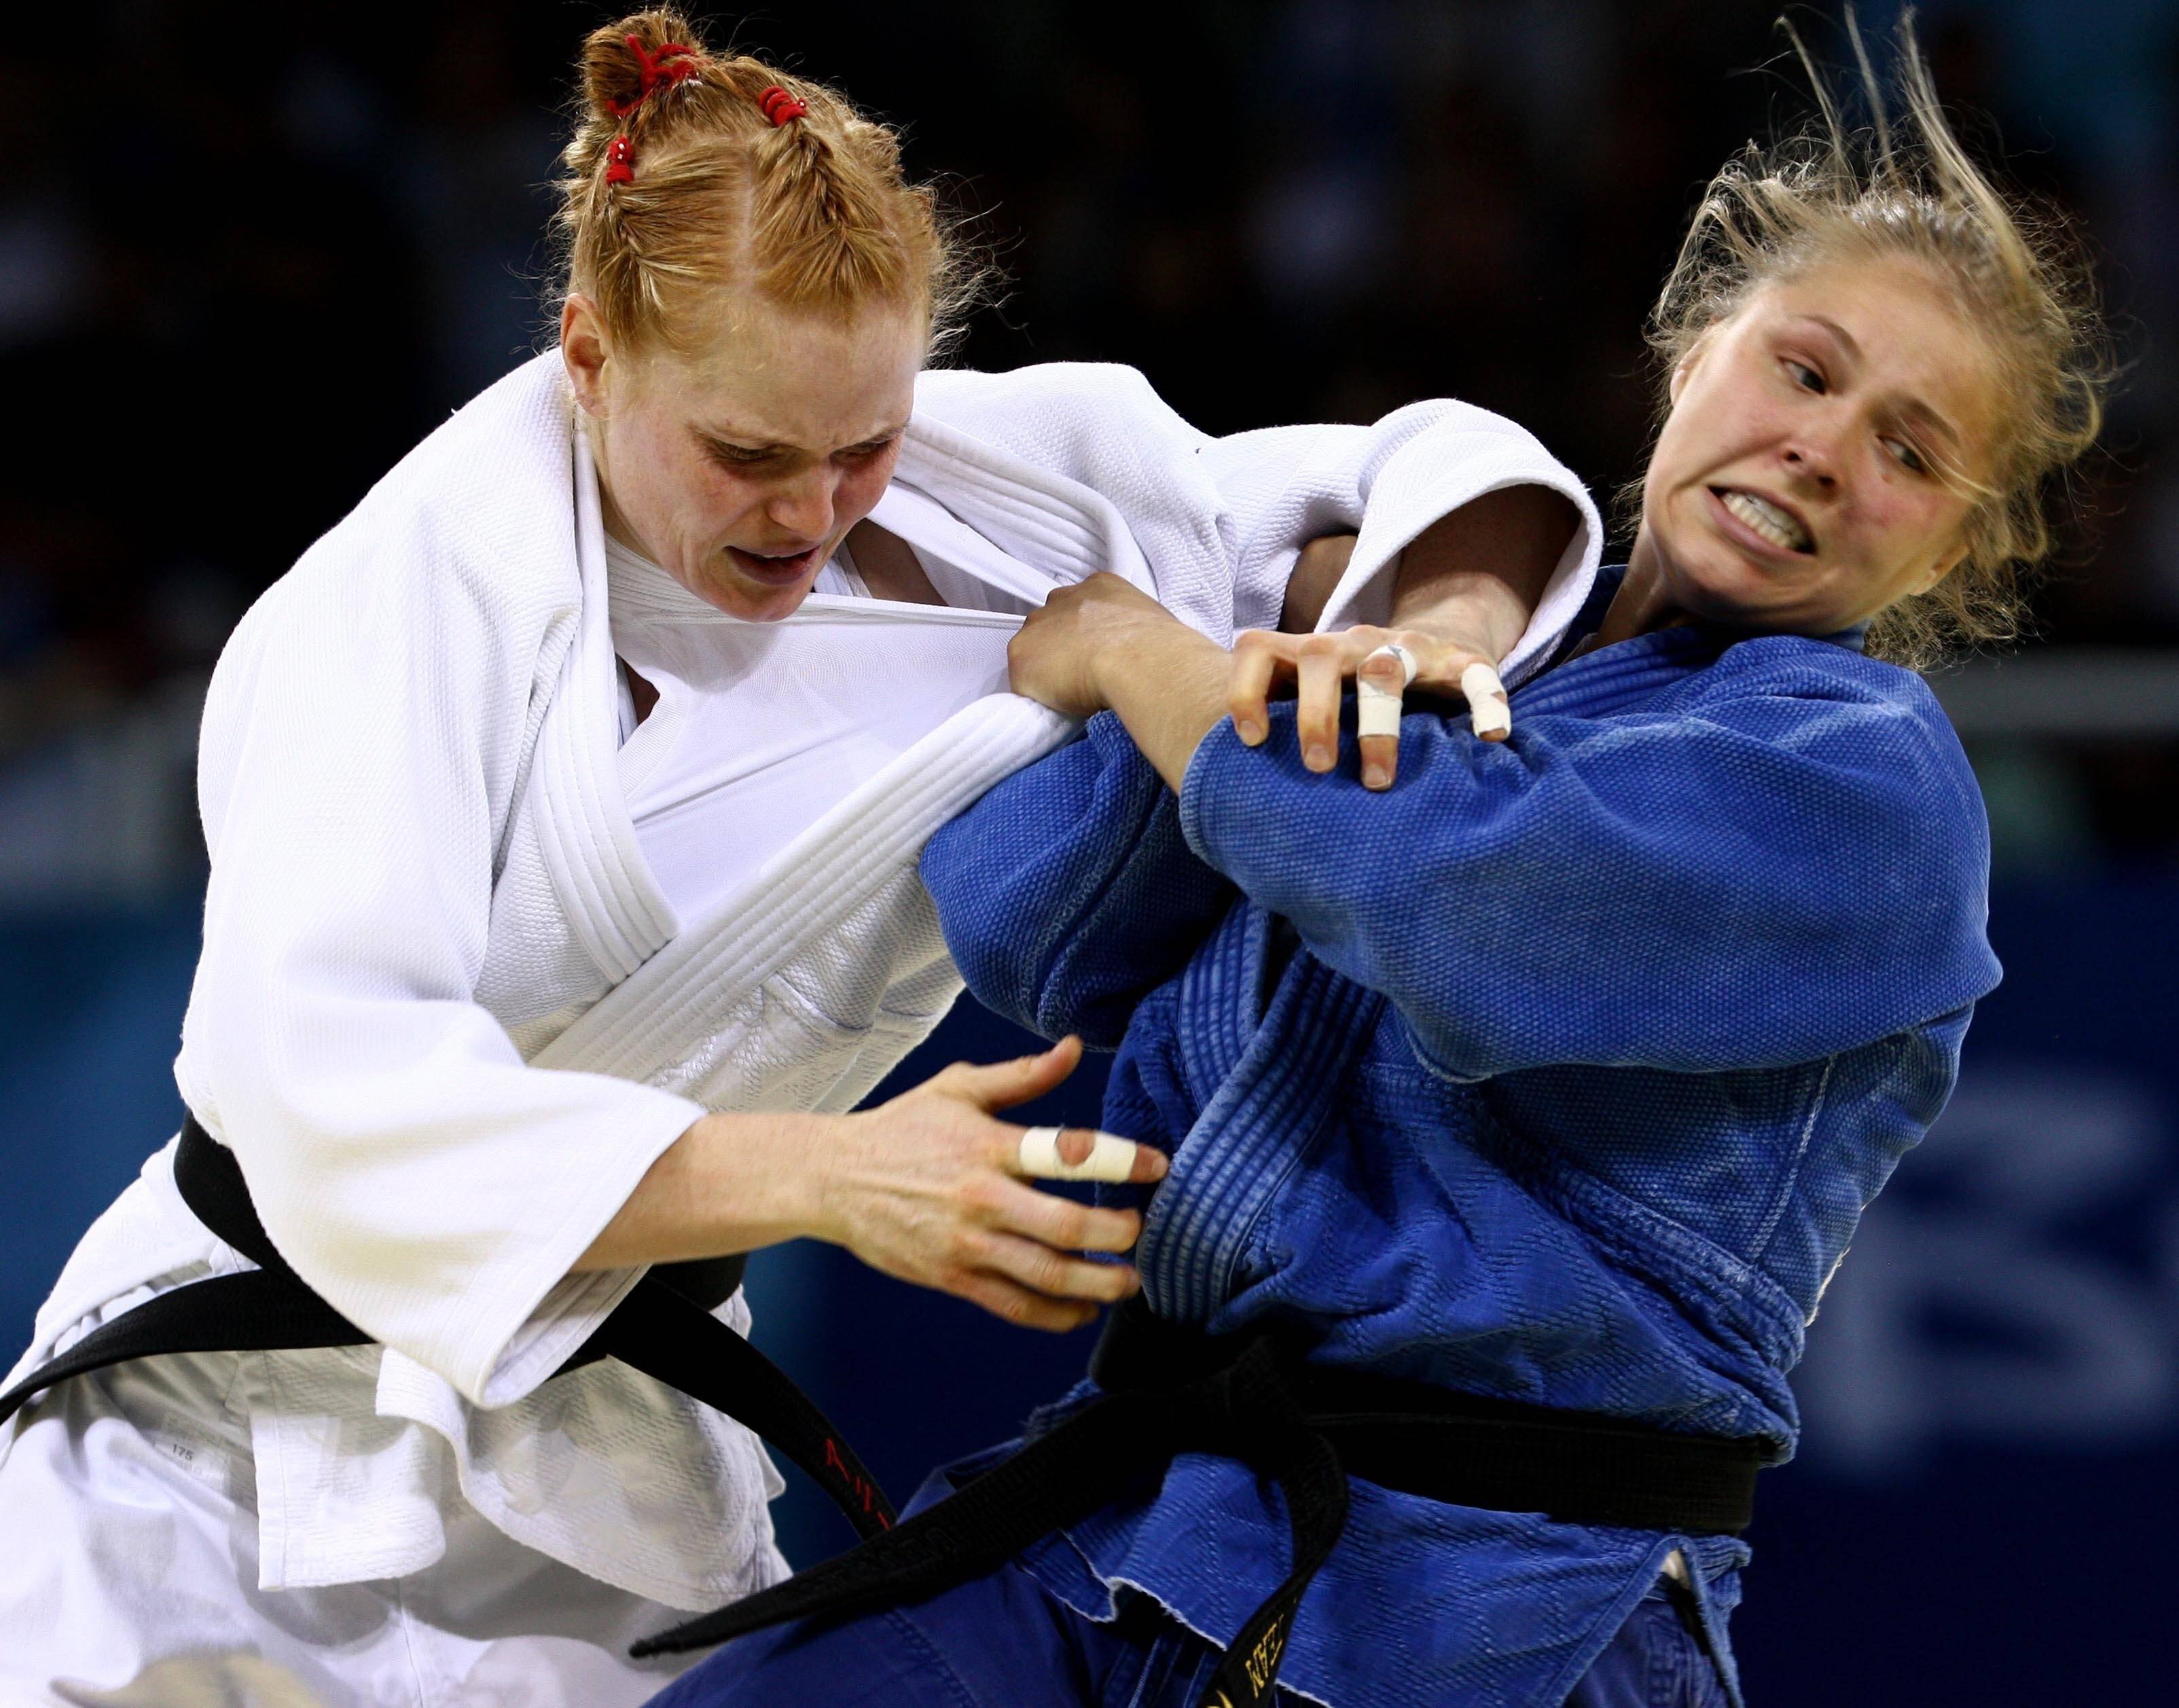 Ронда Роузи на Олимпиаде-2008